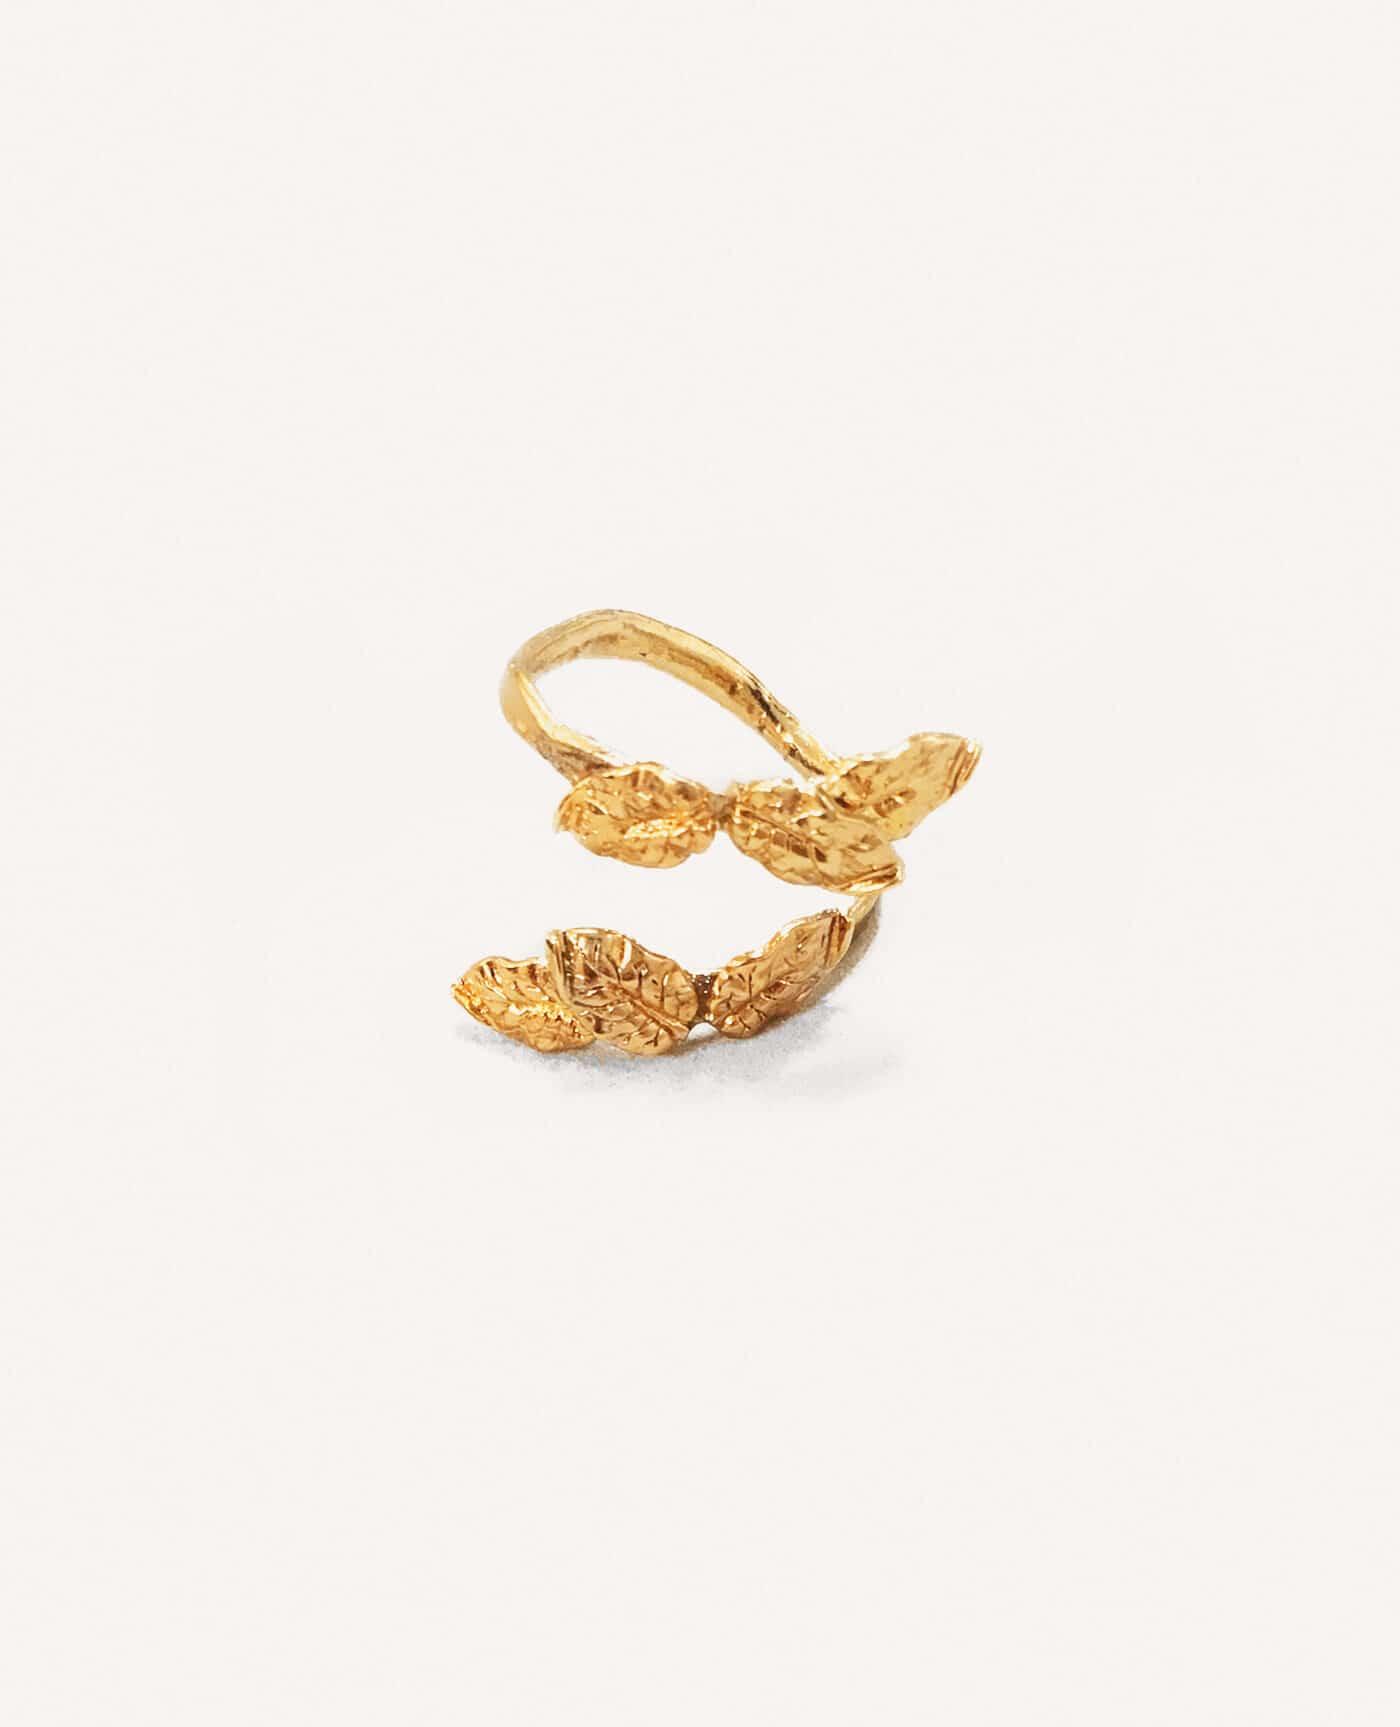 Bague en or Lygia de la marque Elise Tsikis